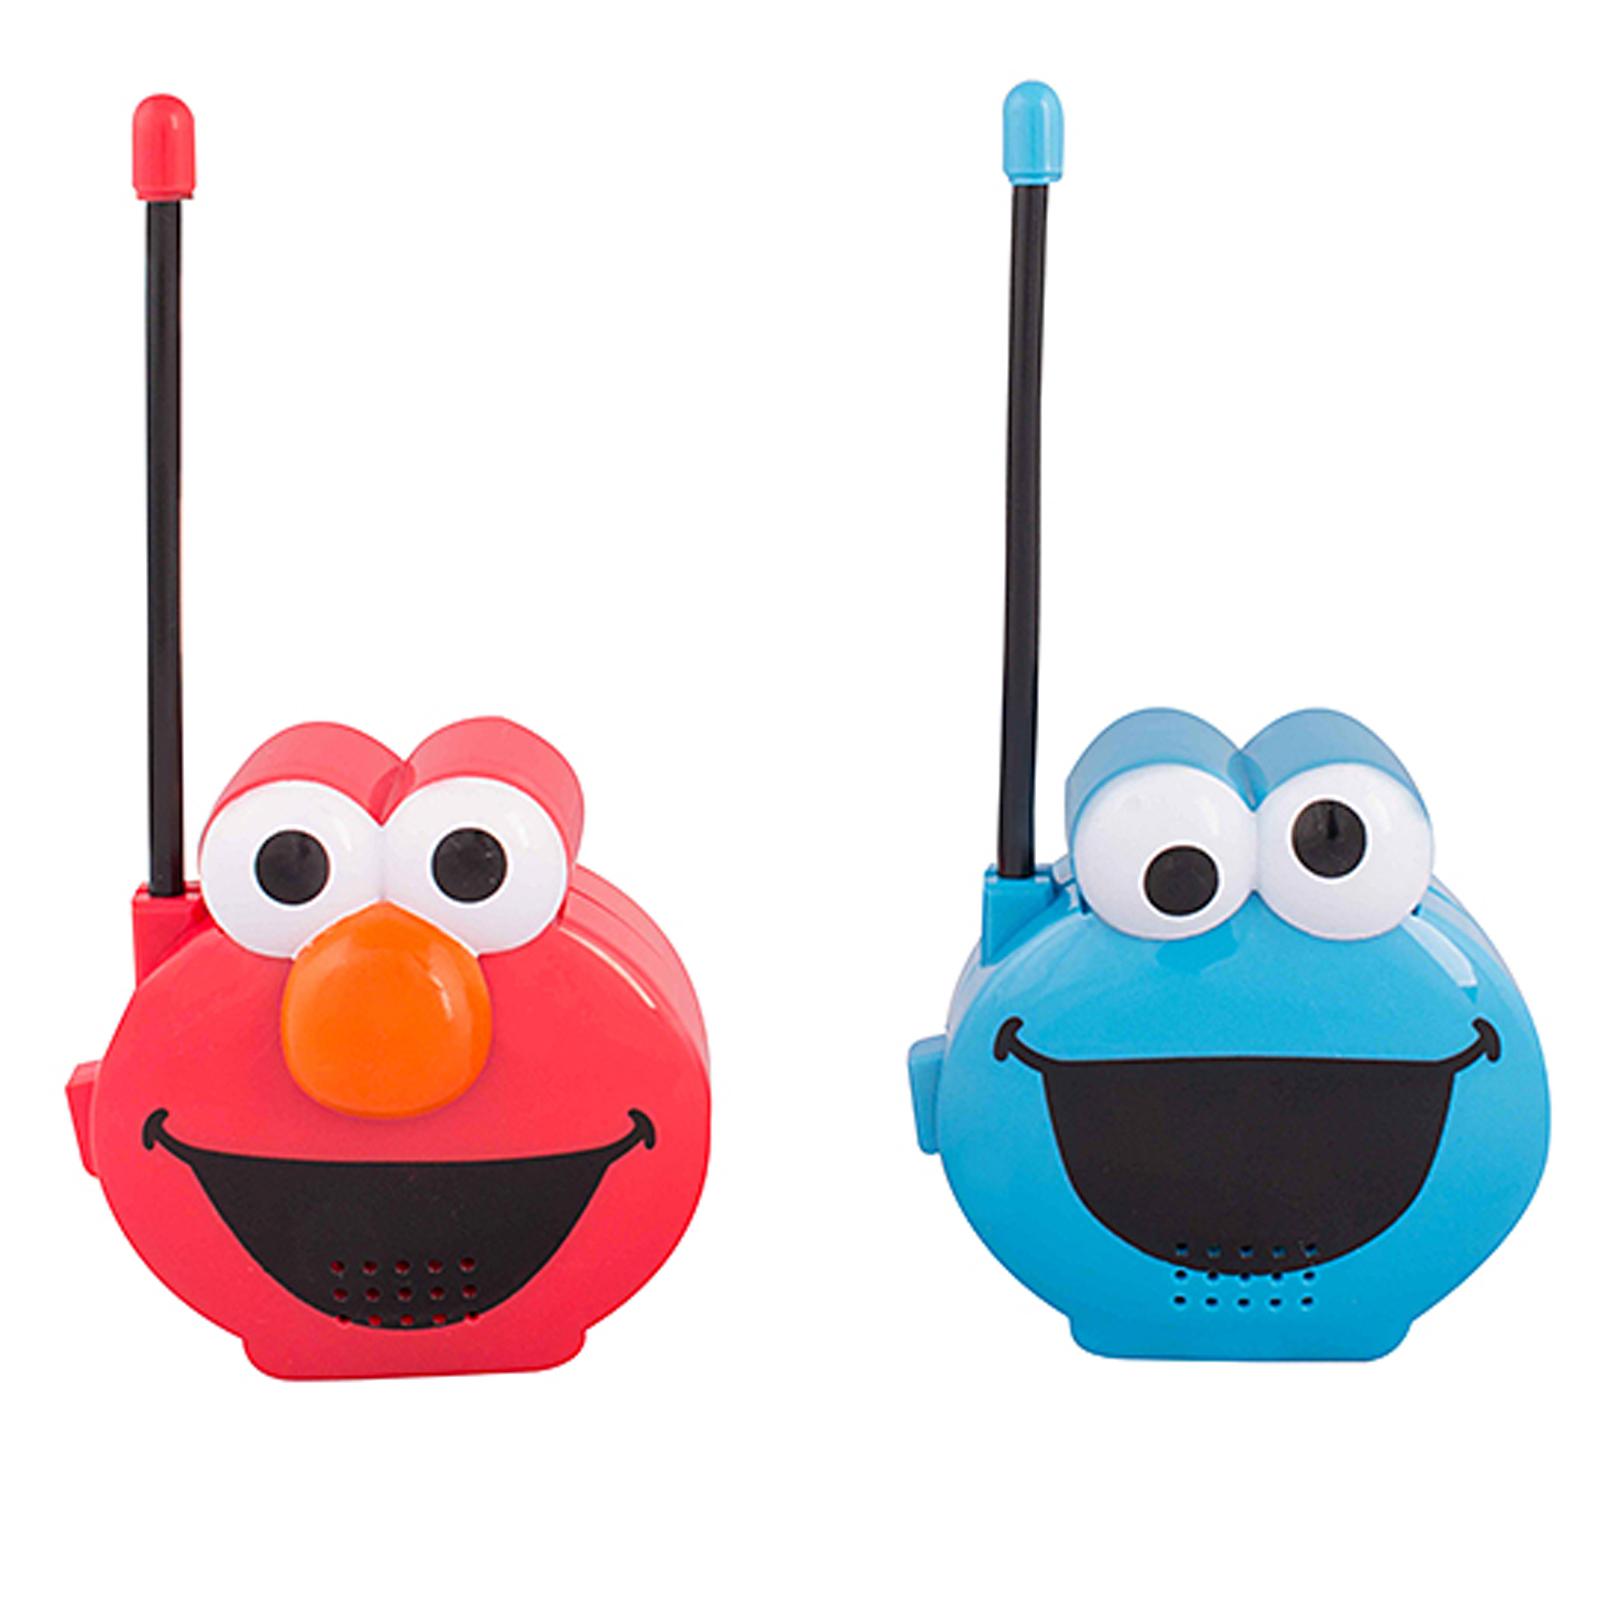 Sesame Street Molded Walkie Talkies, Elmo & Cookie Monster - Walmart.com